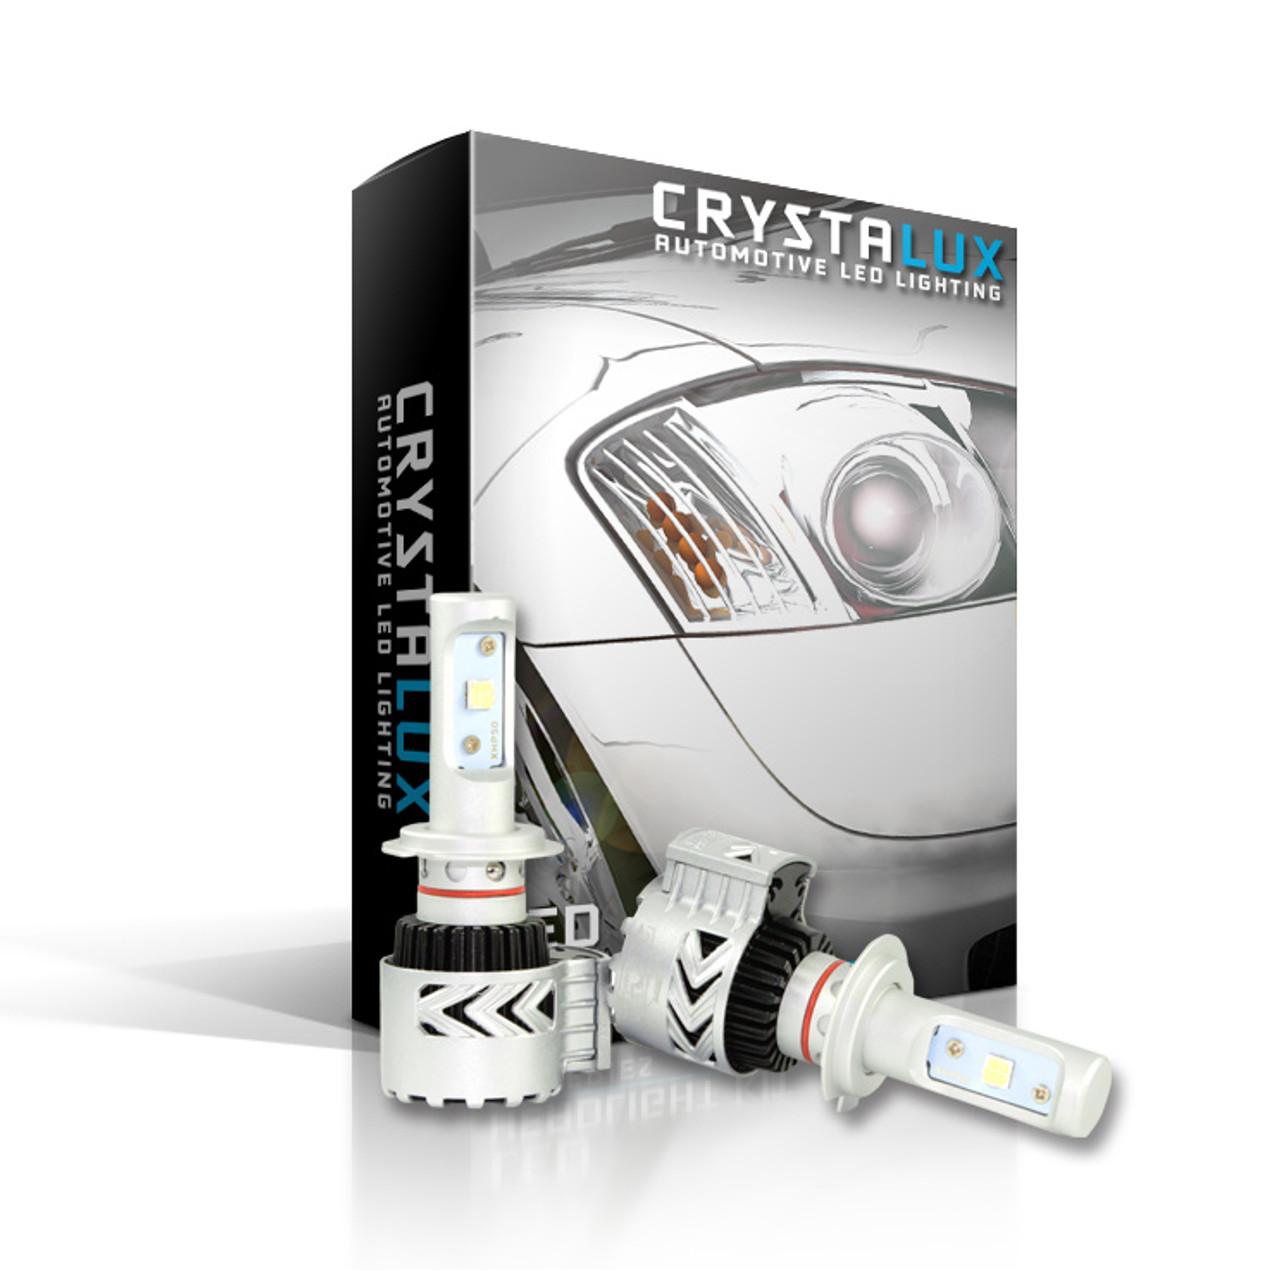 CrystaLux XHP Series LED Headlight/Fog Light Conversion Kit on